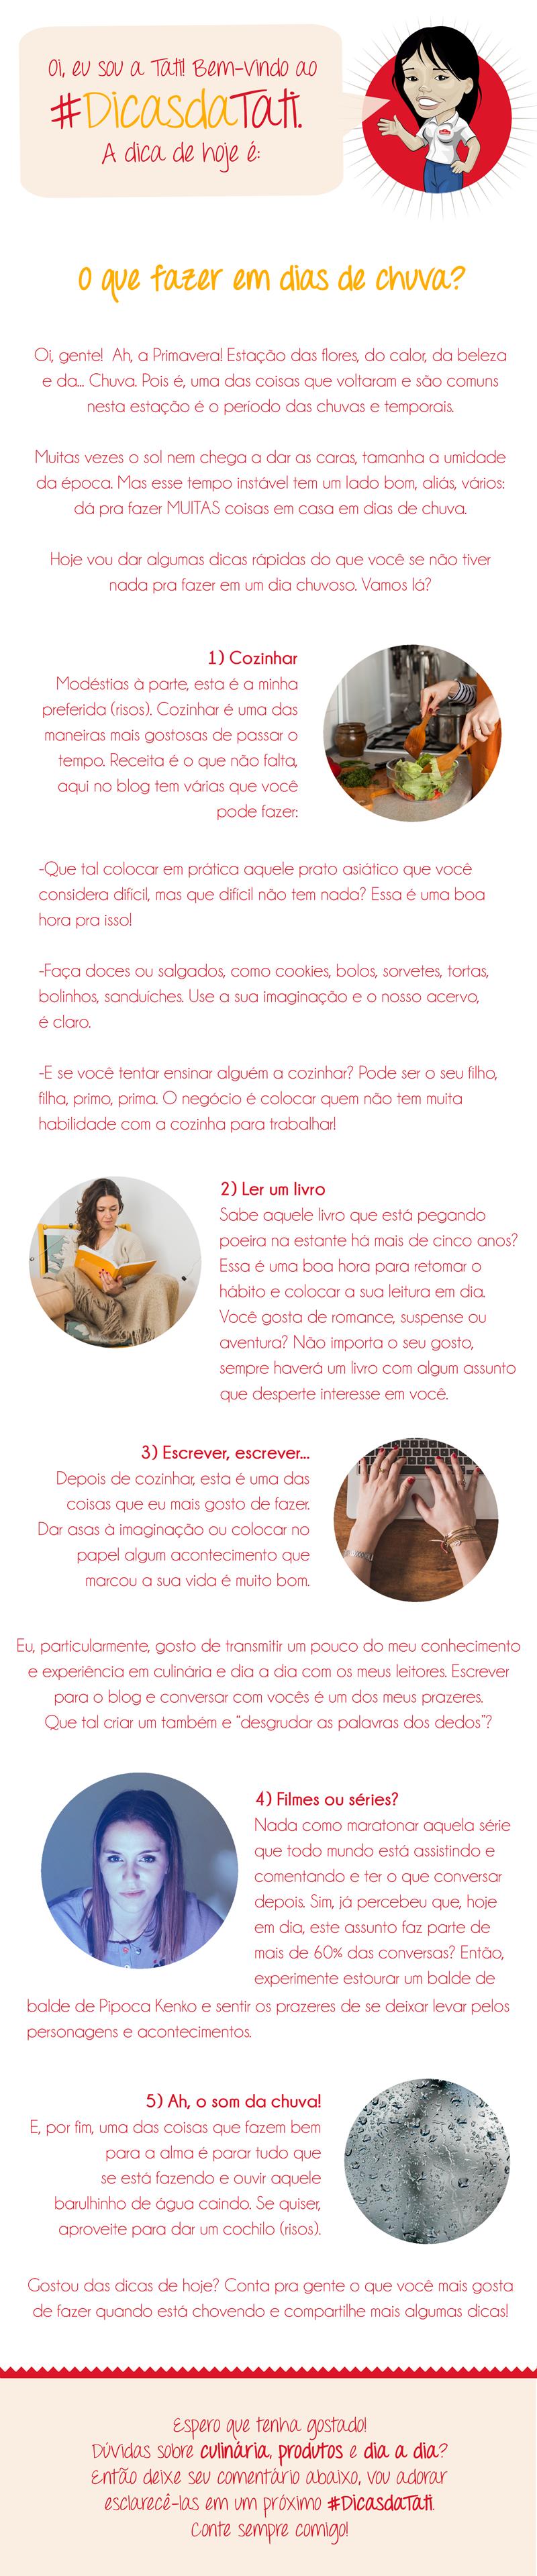 dicas_dias_chuva